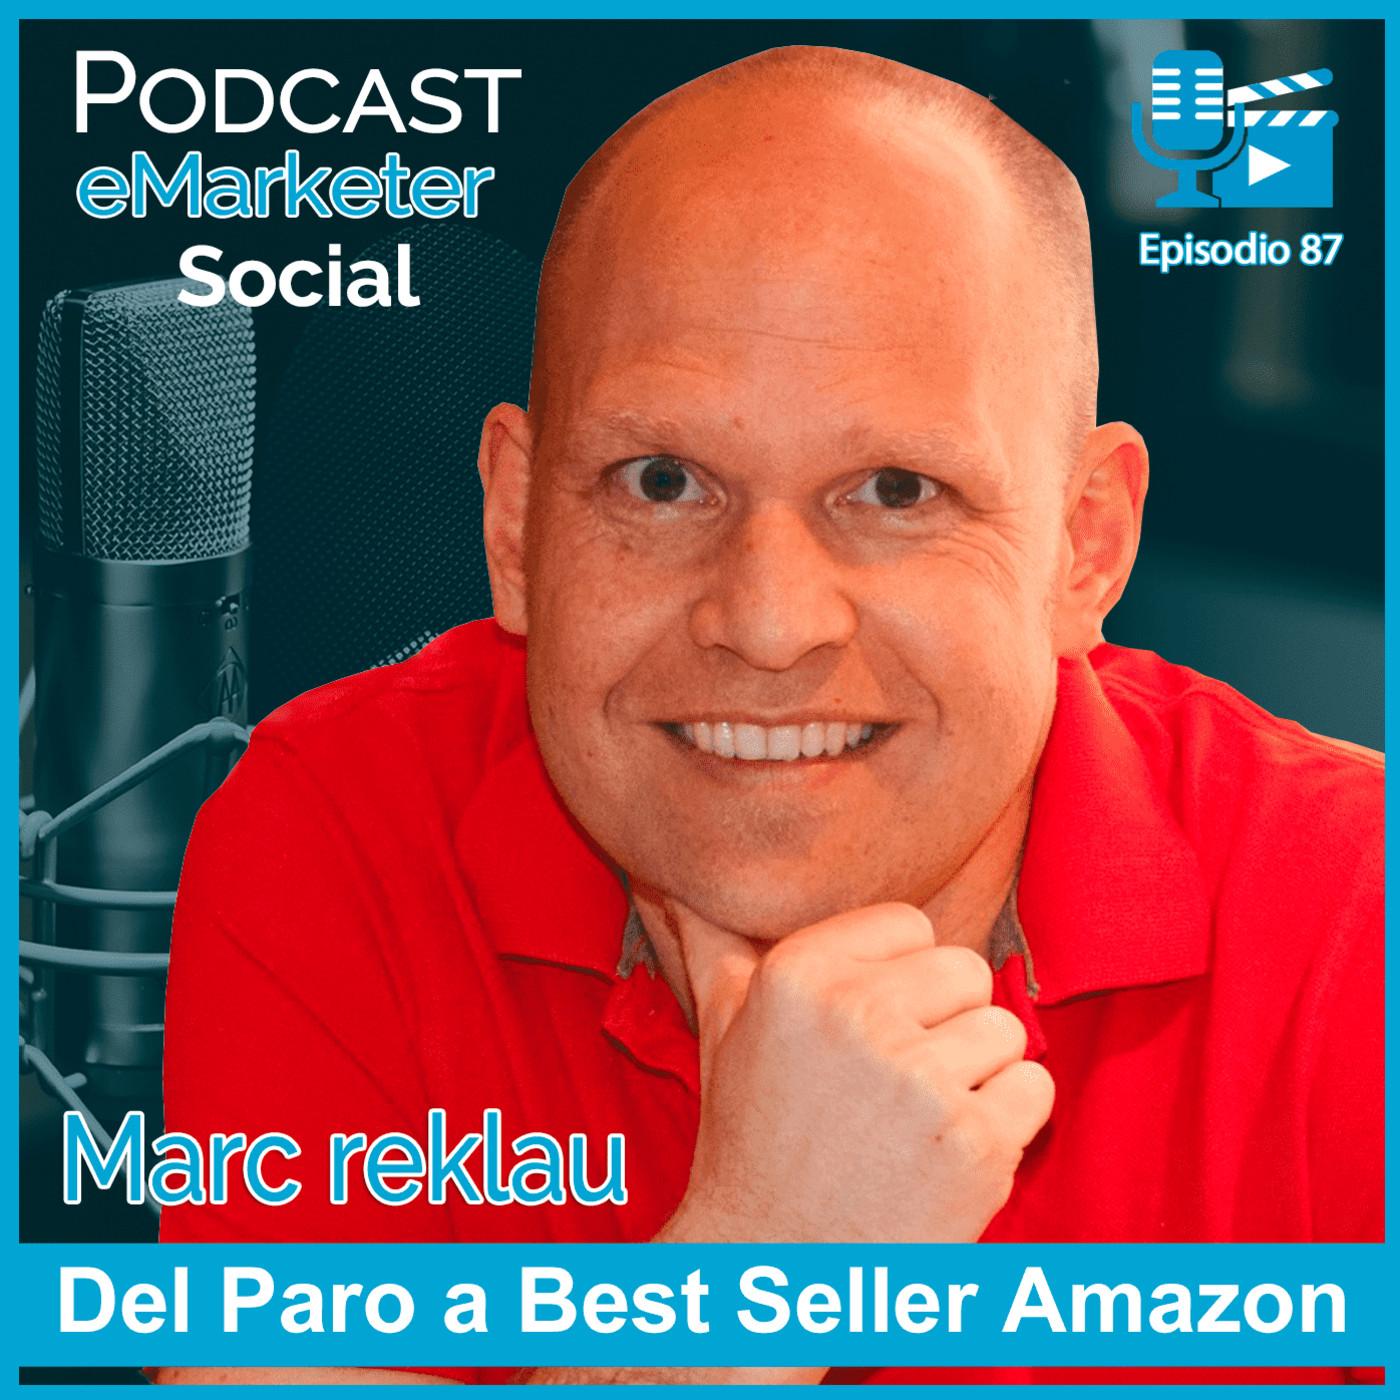 087 Conoce a Marc Reklau escritor bestseller Amazon (1ª parte) en Podcast eMarketerSocial